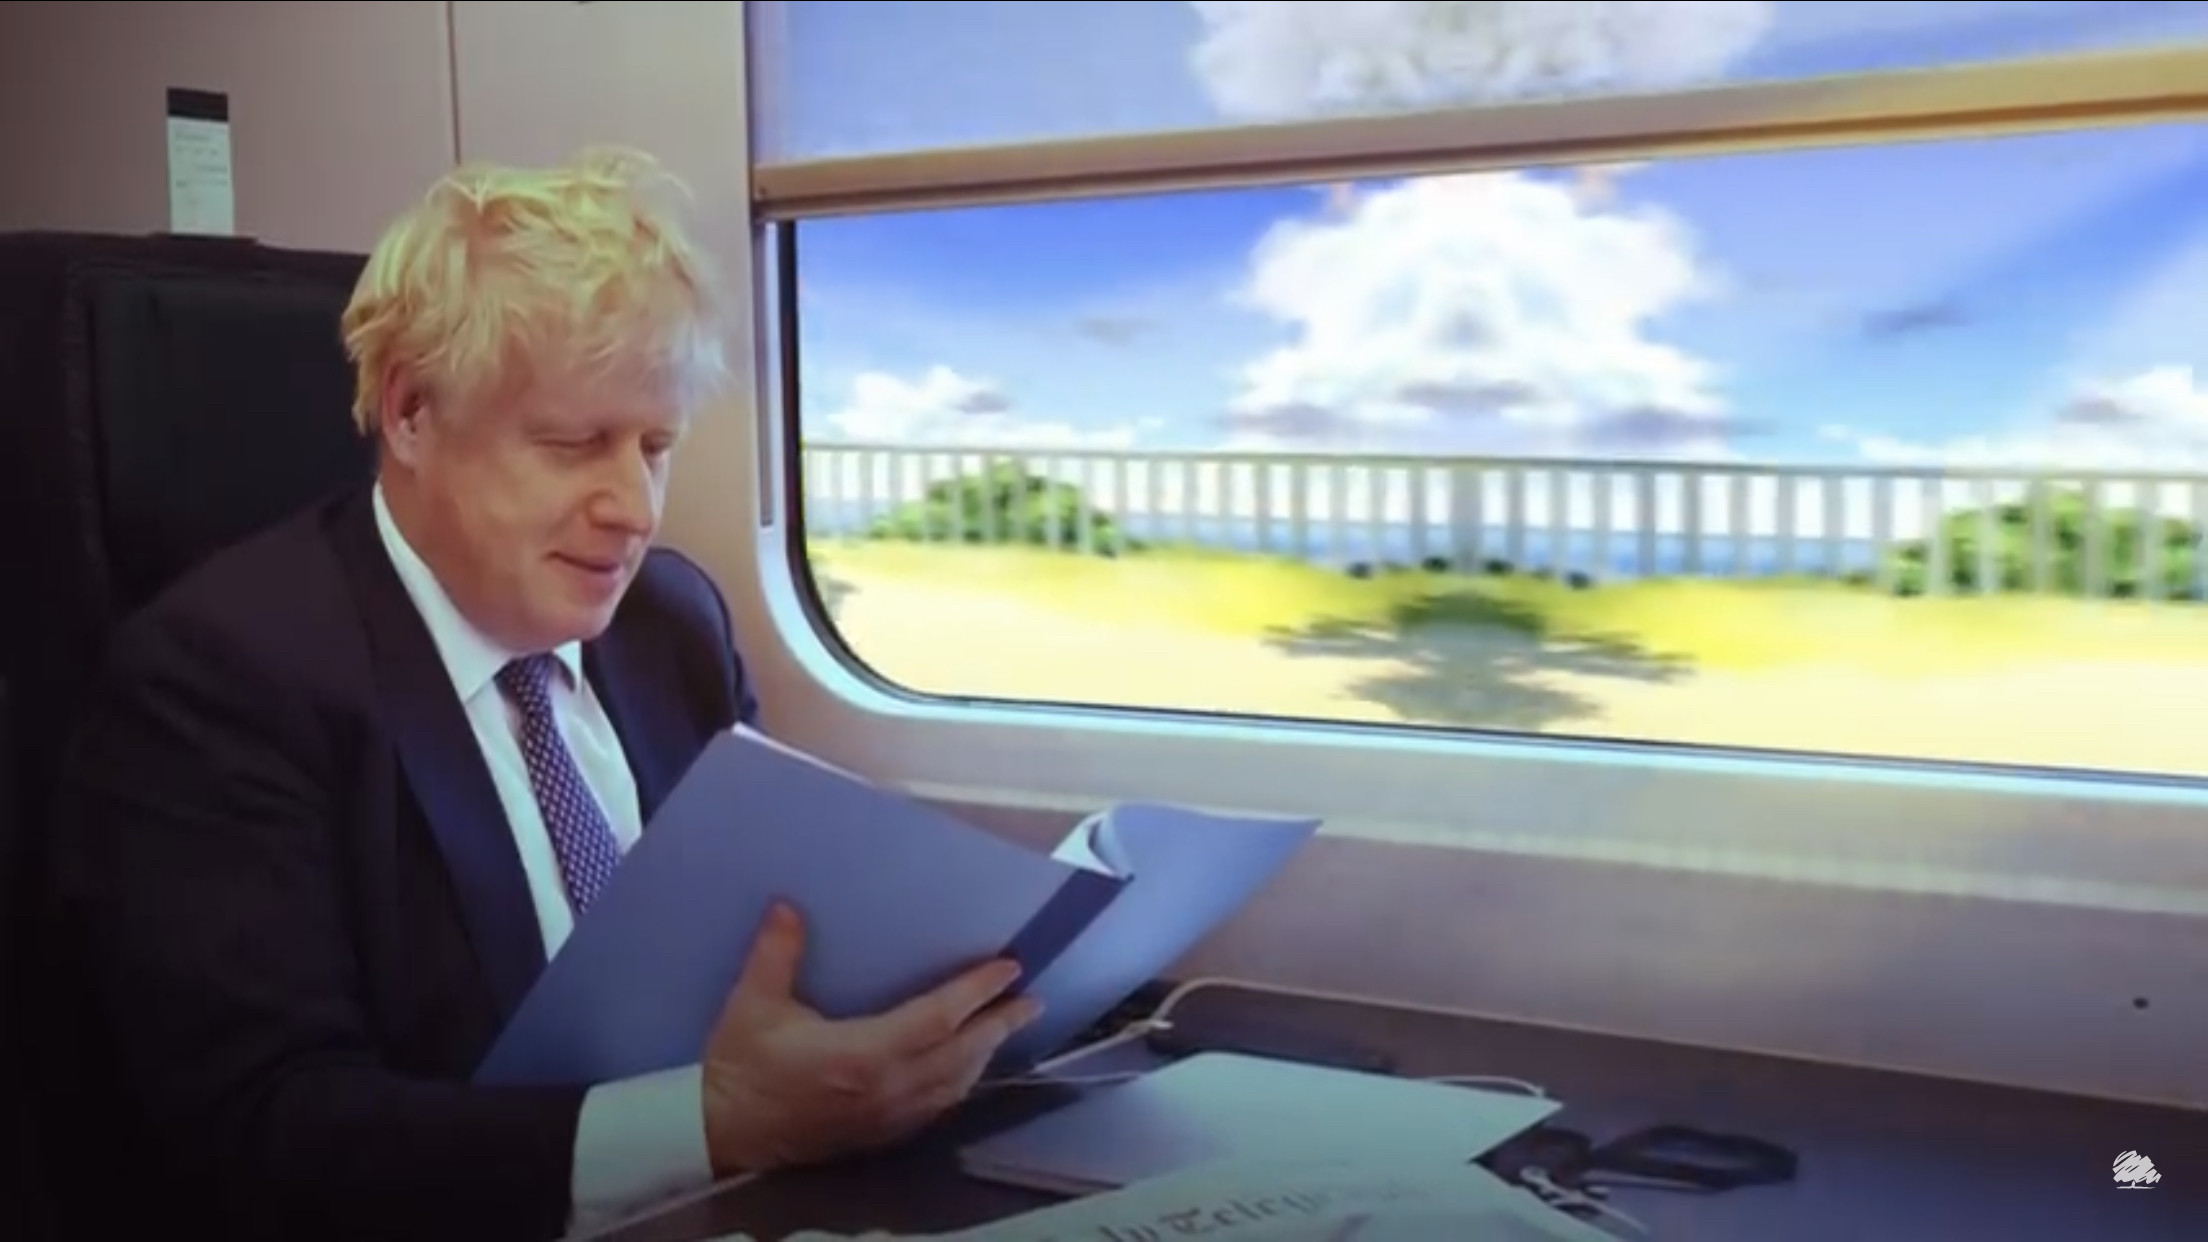 هل يعاني رئيس الحكومة البريطانية انفصالاً عن الواقع؟